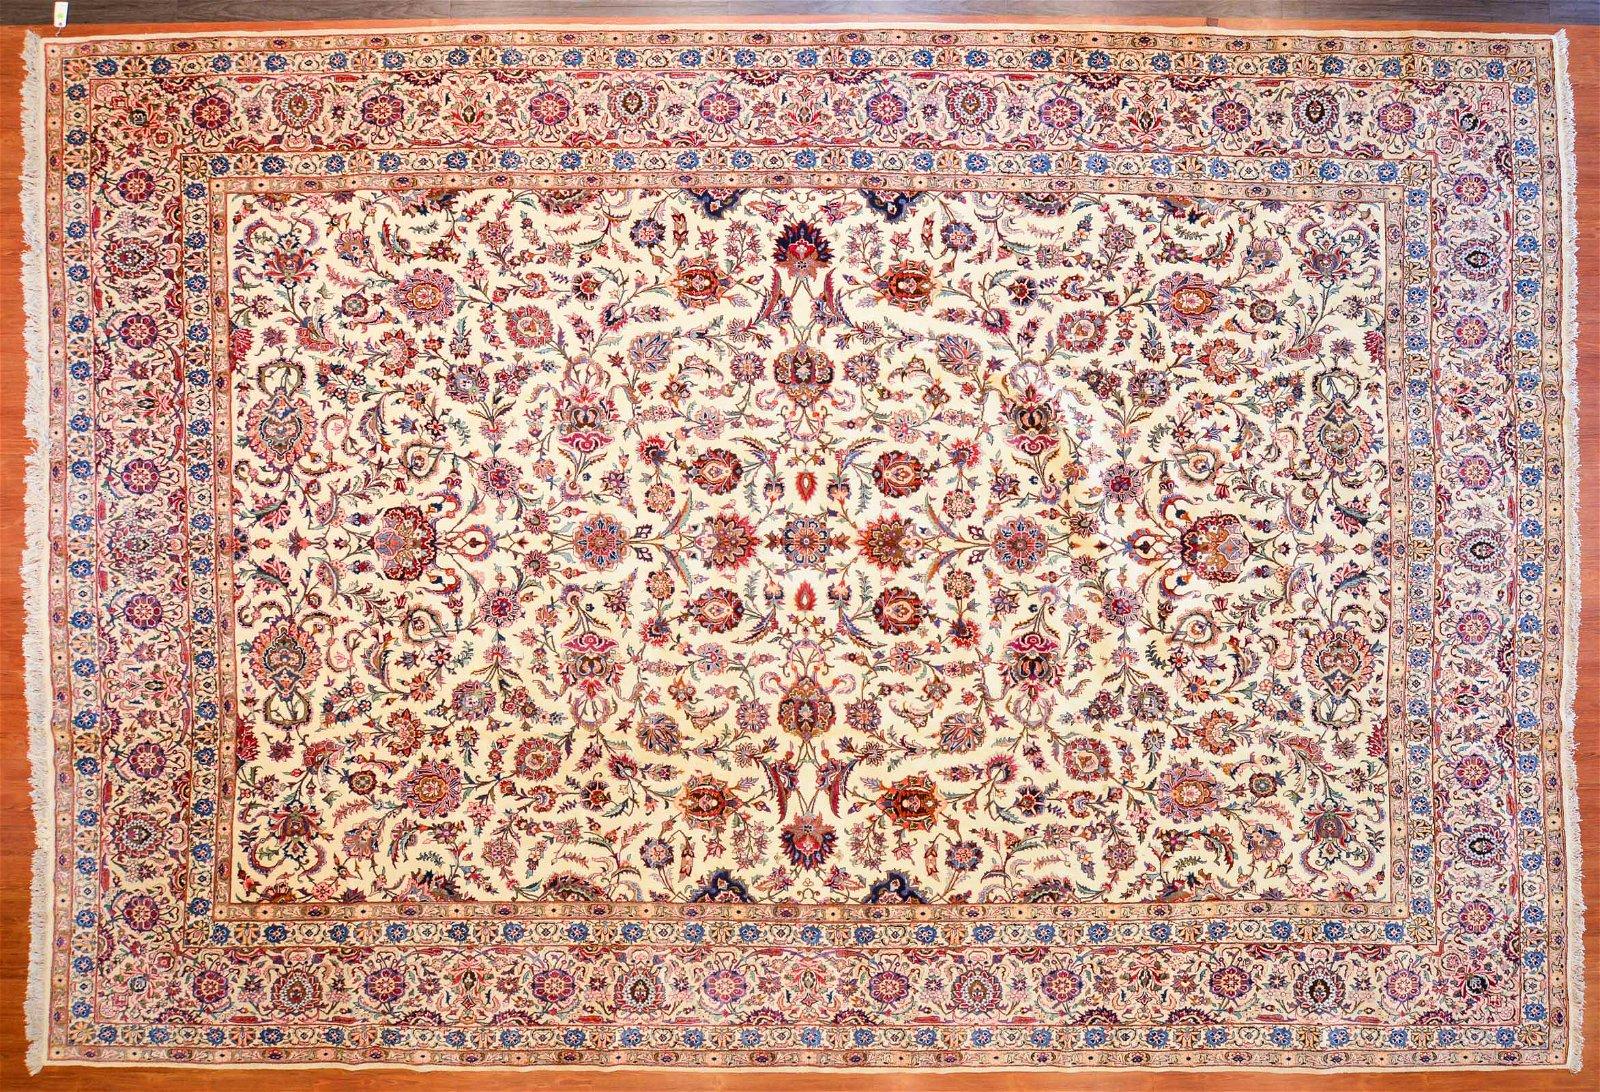 Keshan Carpet, Persia, 11.2 x 16.6